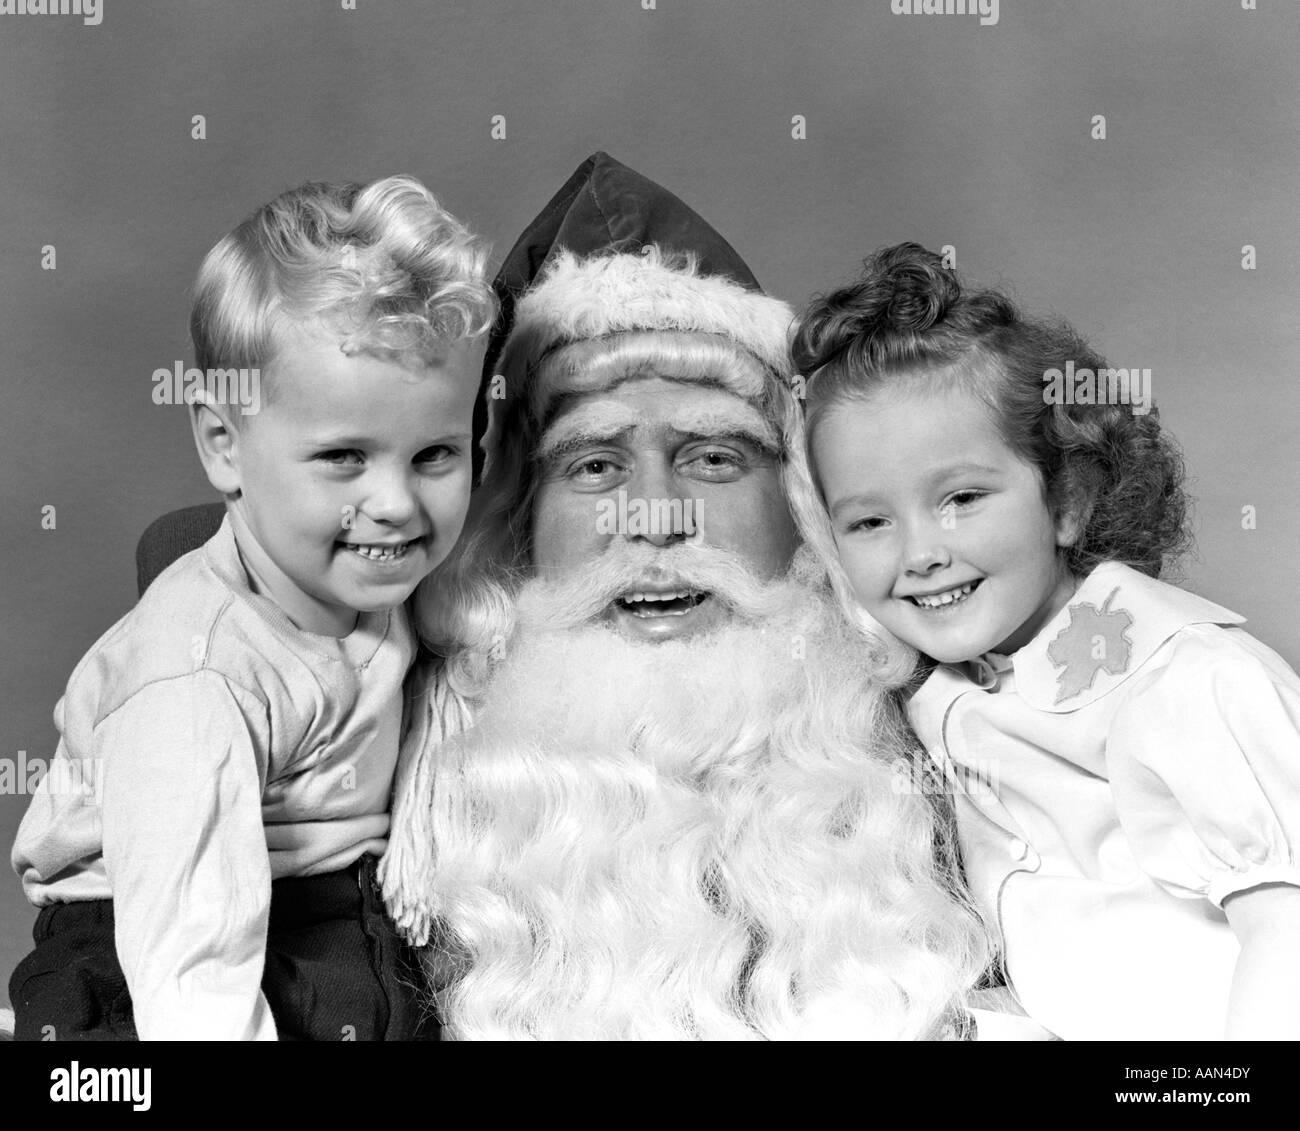 1940 El hombre SANTA CLAUS posando con chico y chica en la vuelta sonriendo todos mirando a la cámara Imagen De Stock